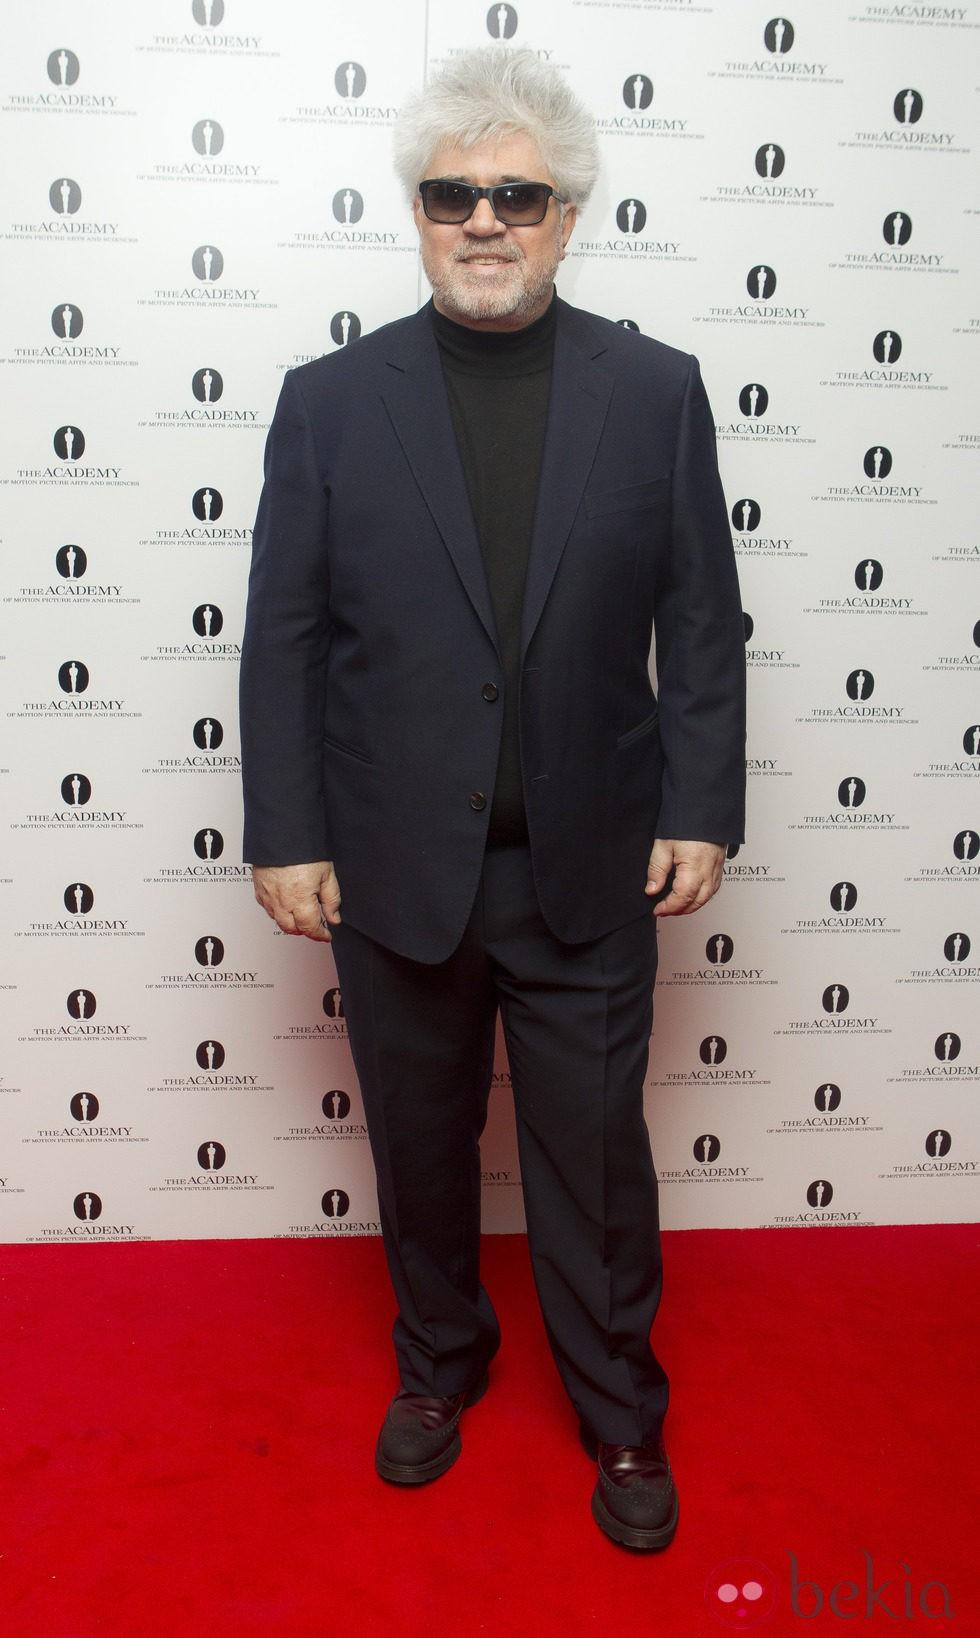 Pedro Almodóvar en el homenaje de la Academia a su carrera en Londres